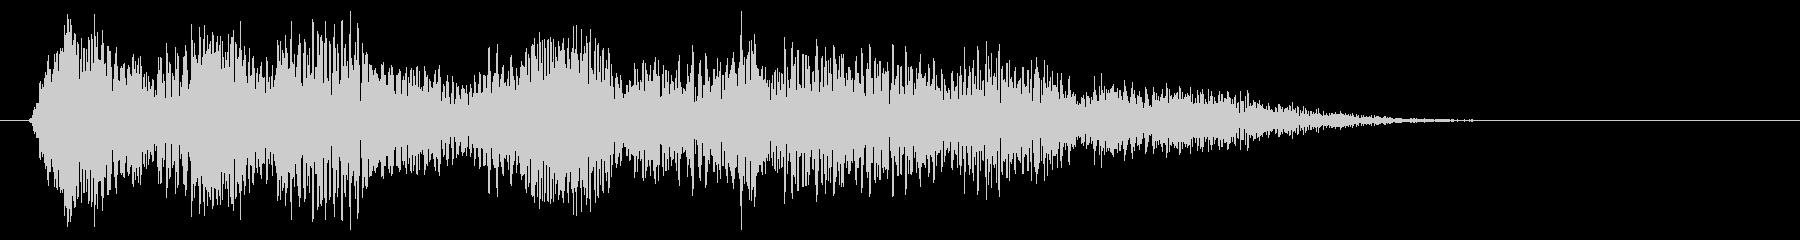 シュイーッ 魔法石獲得の未再生の波形